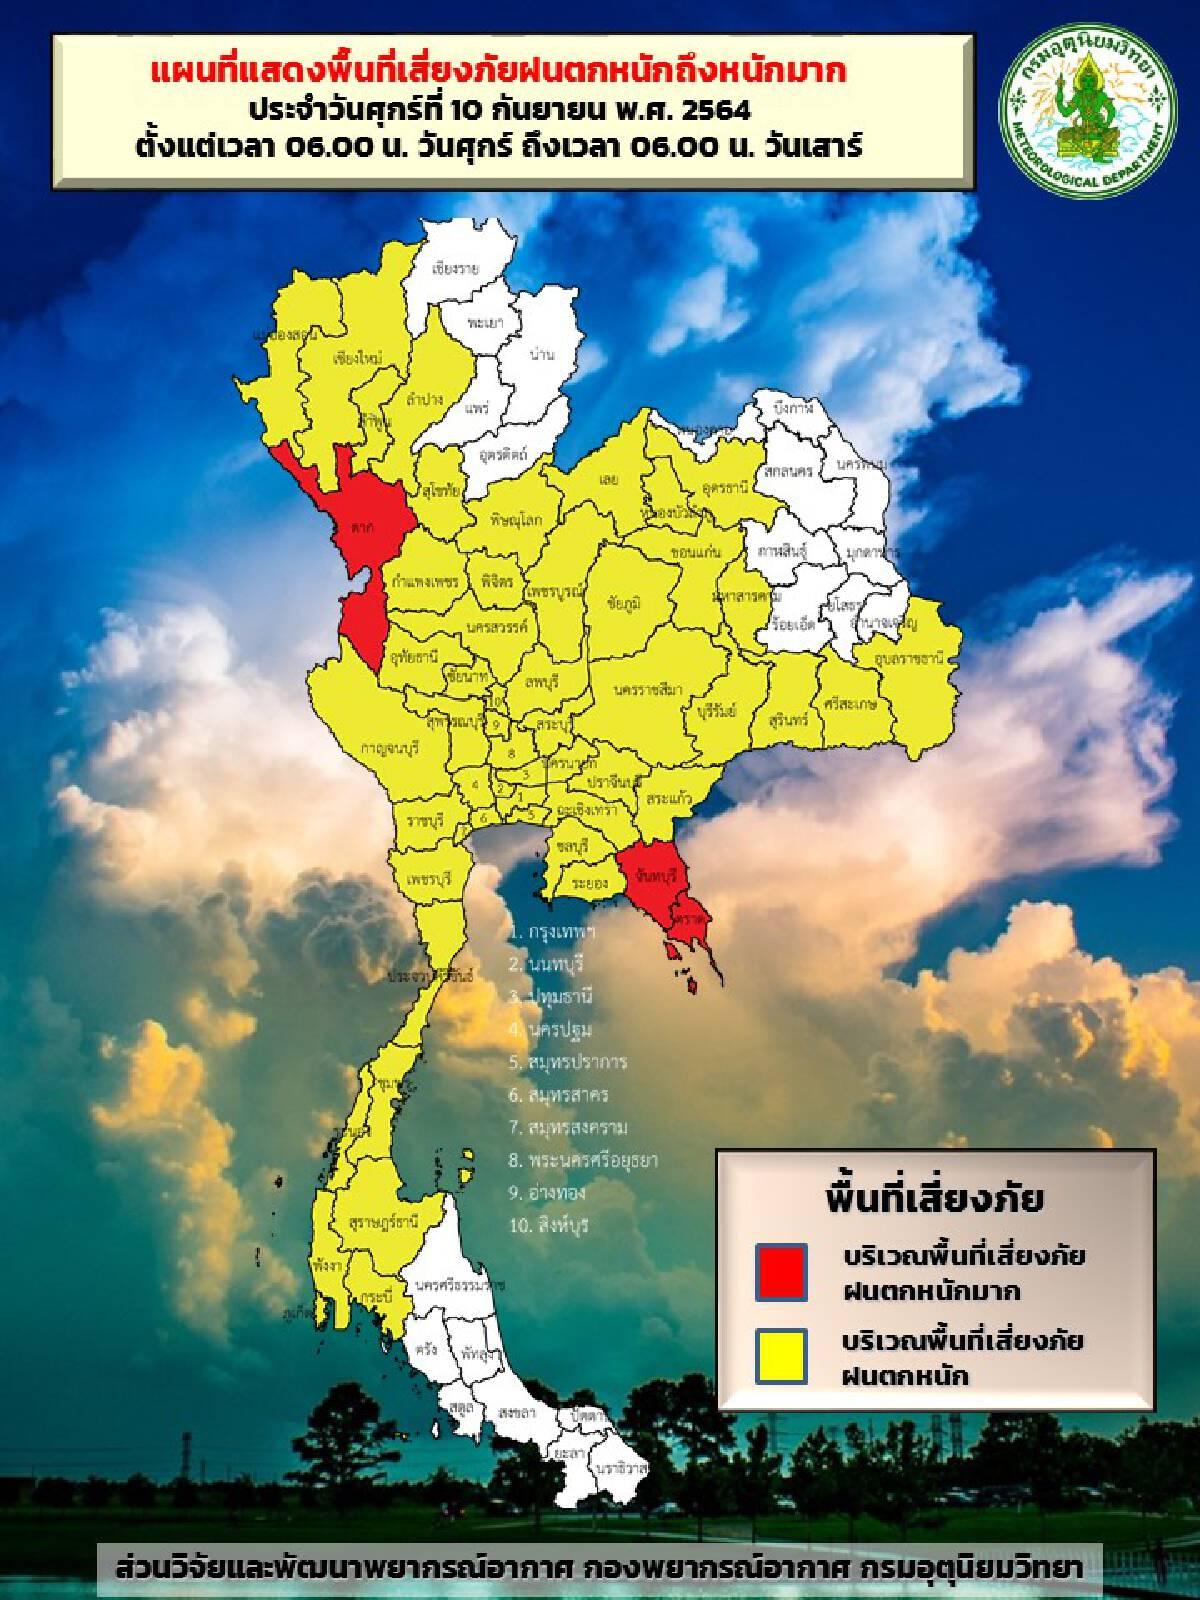 สภาพอากาศวันนี้ ทั่วไทยมีฝนฟ้าคะนอง กทม.ฝนร้อยละ 80 และตกหนักบางแห่ง